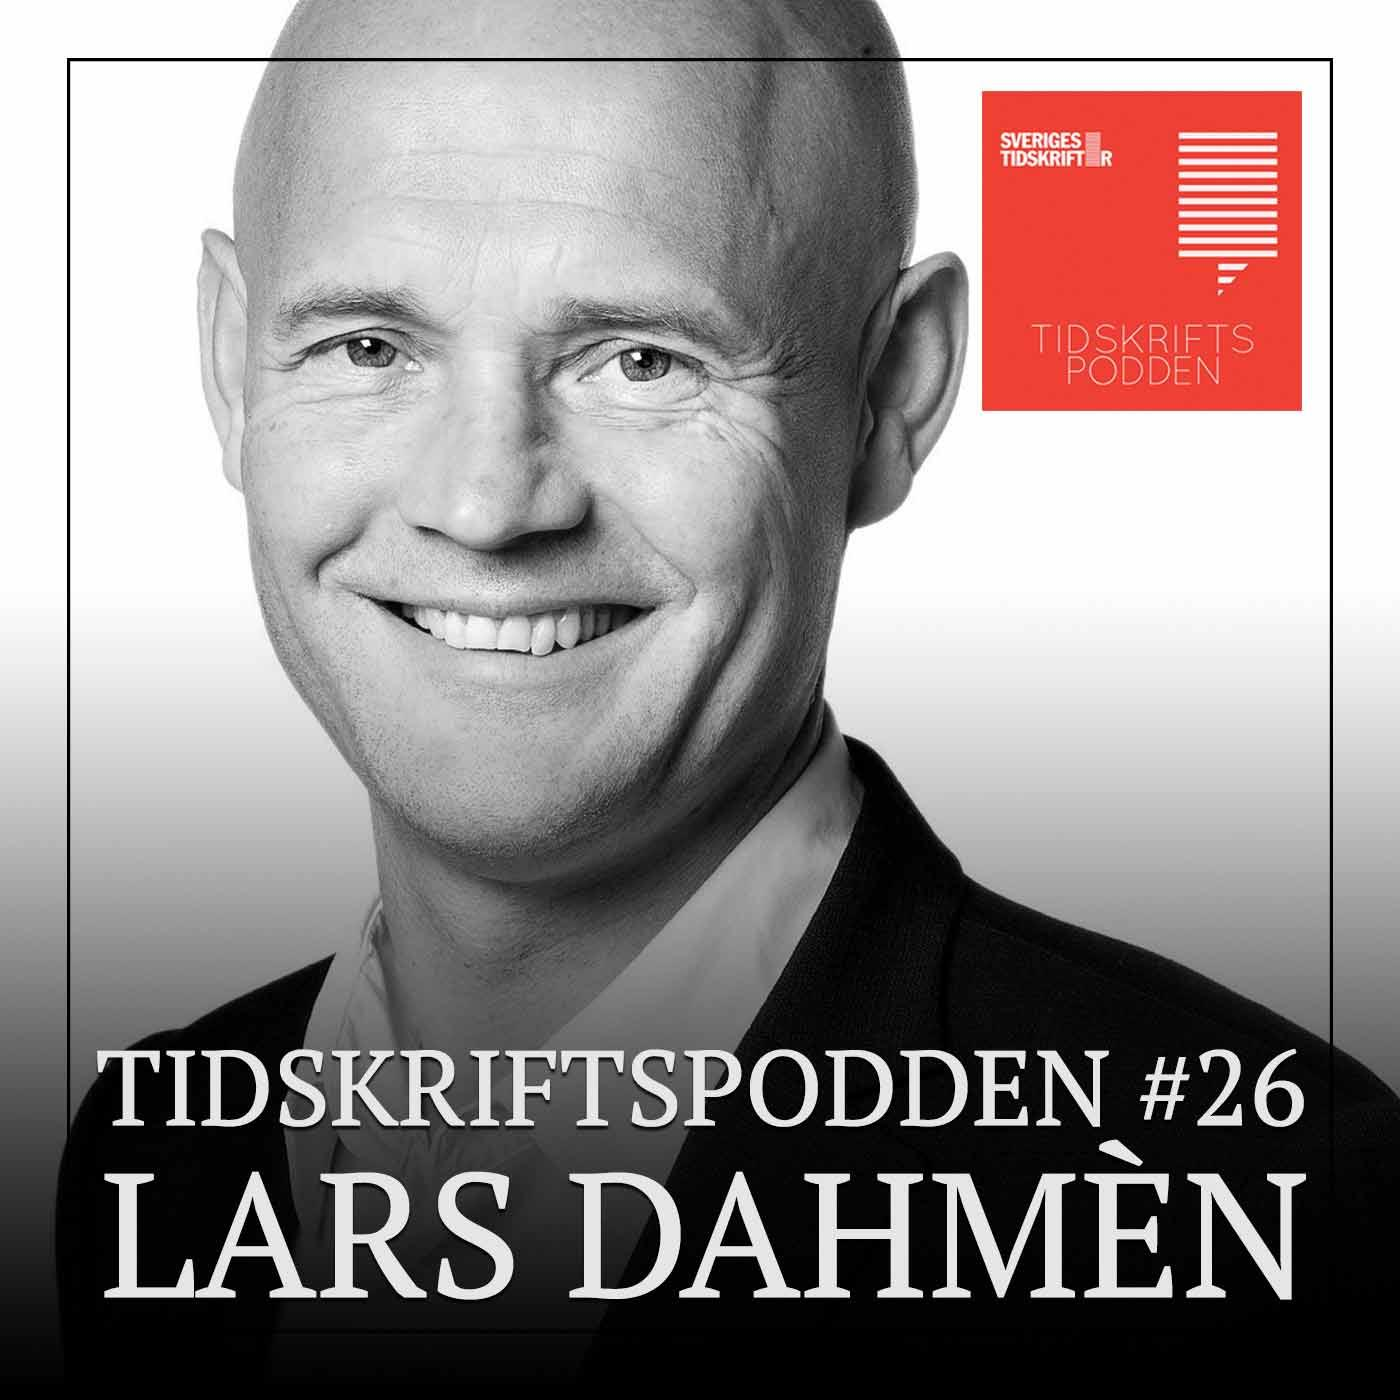 Lars Dahmén, vd Bonnier Tidskrifter